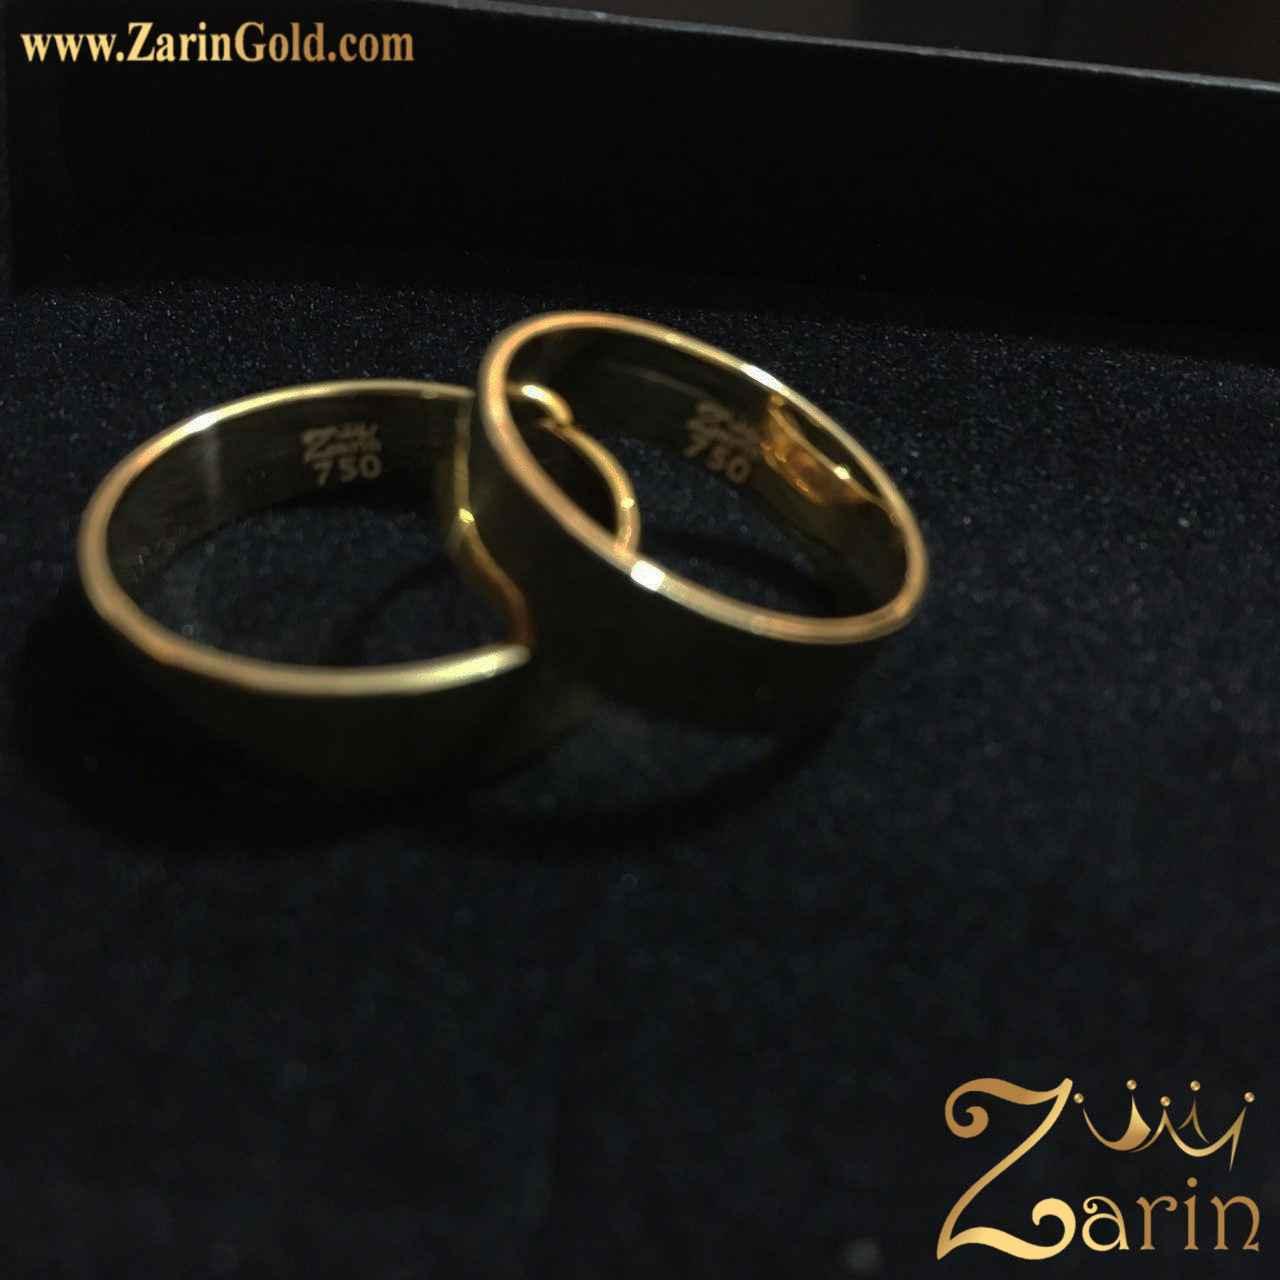 حلقه نامزدی و ازدواج